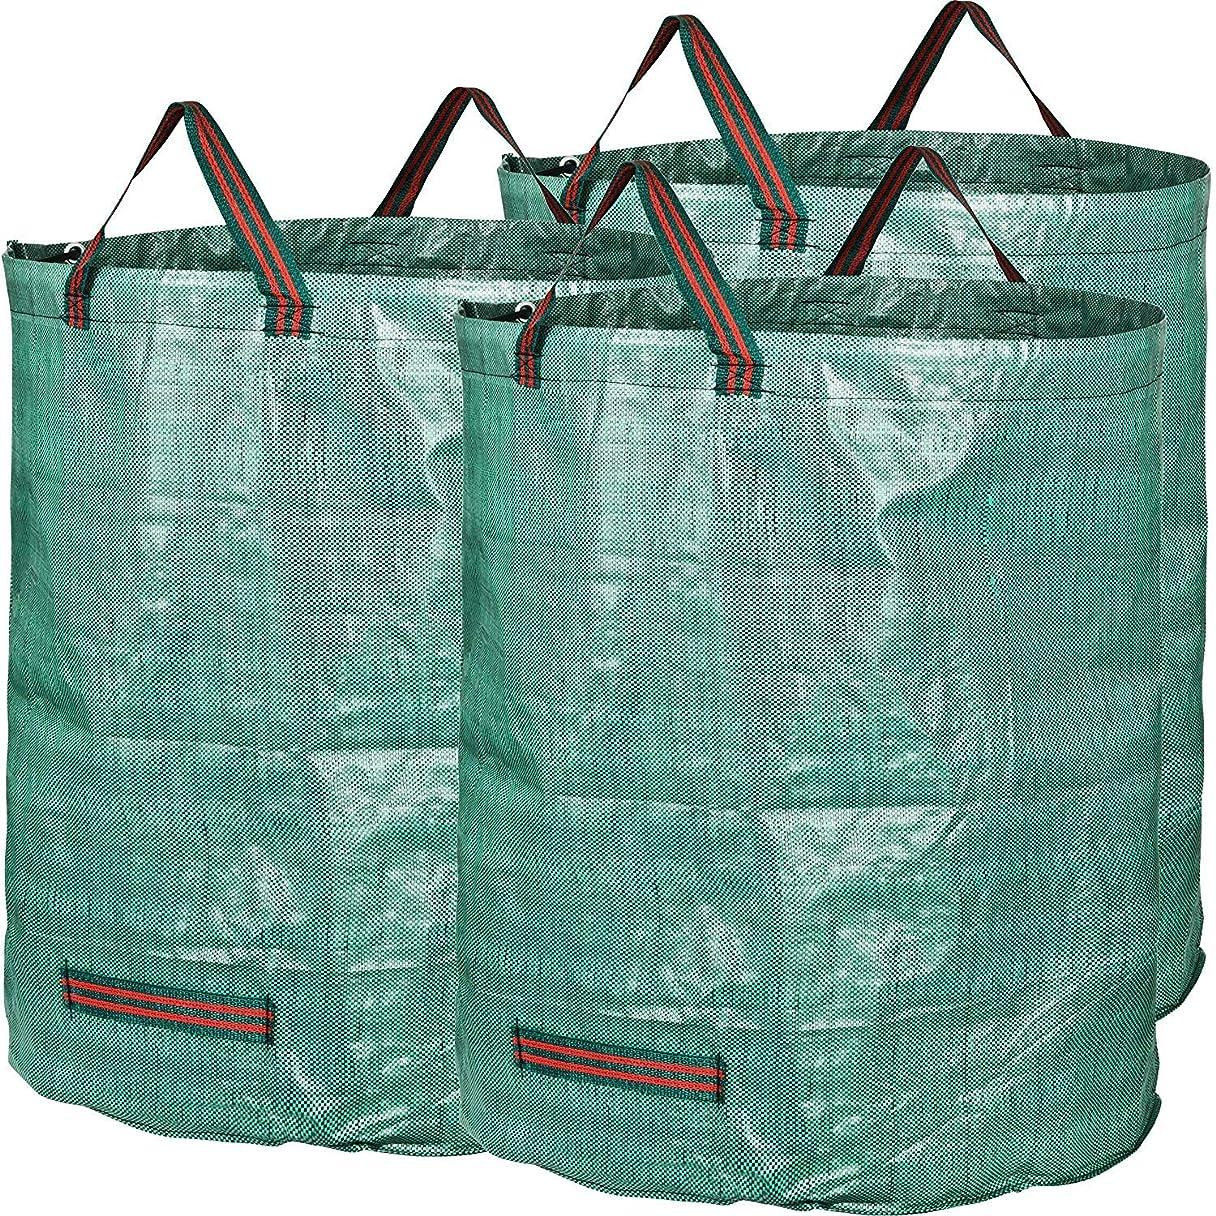 抵当ミリメートル感嘆ガーデンバッグ?–?3パック72ガロン再利用可能な折りたたみ可能なHeavy Duty Gardeningバッグ?–?芝生プールガーデンリーフヤードWaste Bag withポータブルハンドル、t-tags含ま 3 x 72 Gallons